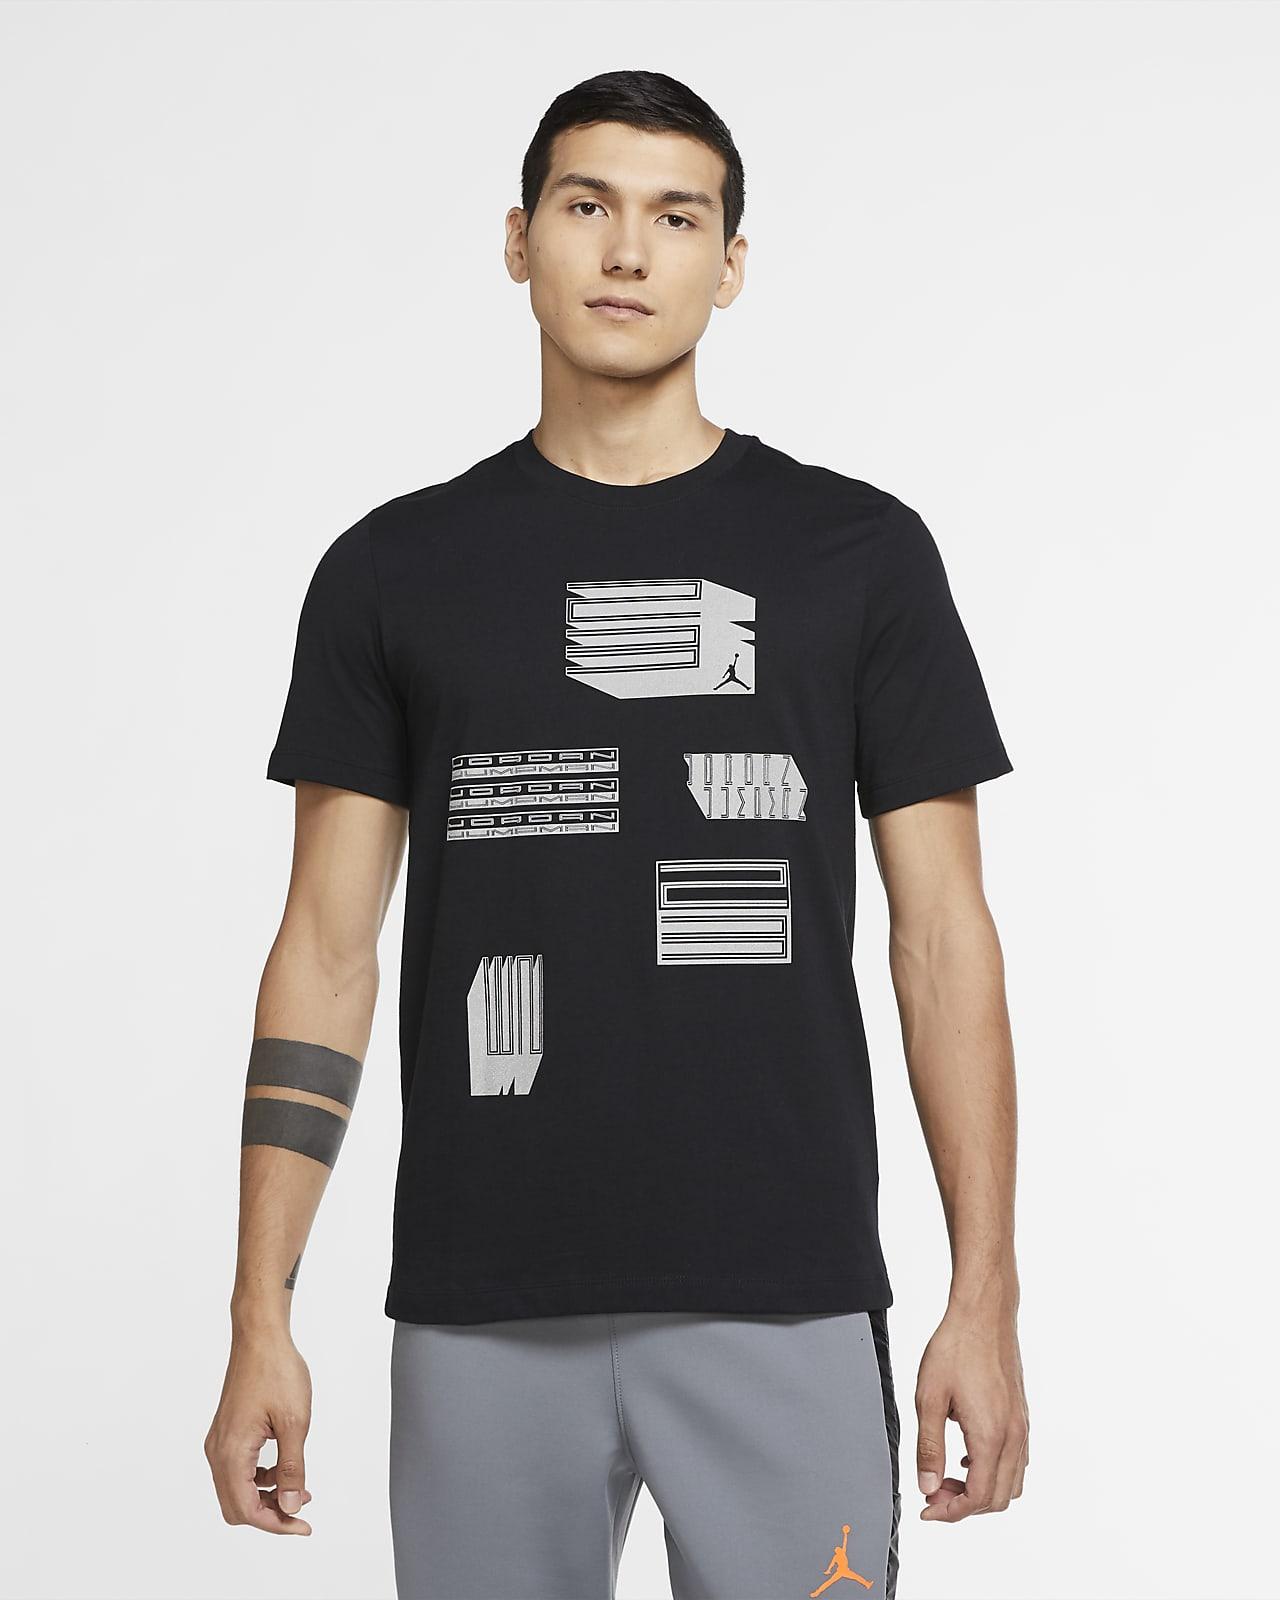 เสื้อยืดผู้ชายมีกราฟิก Jordan AJ11